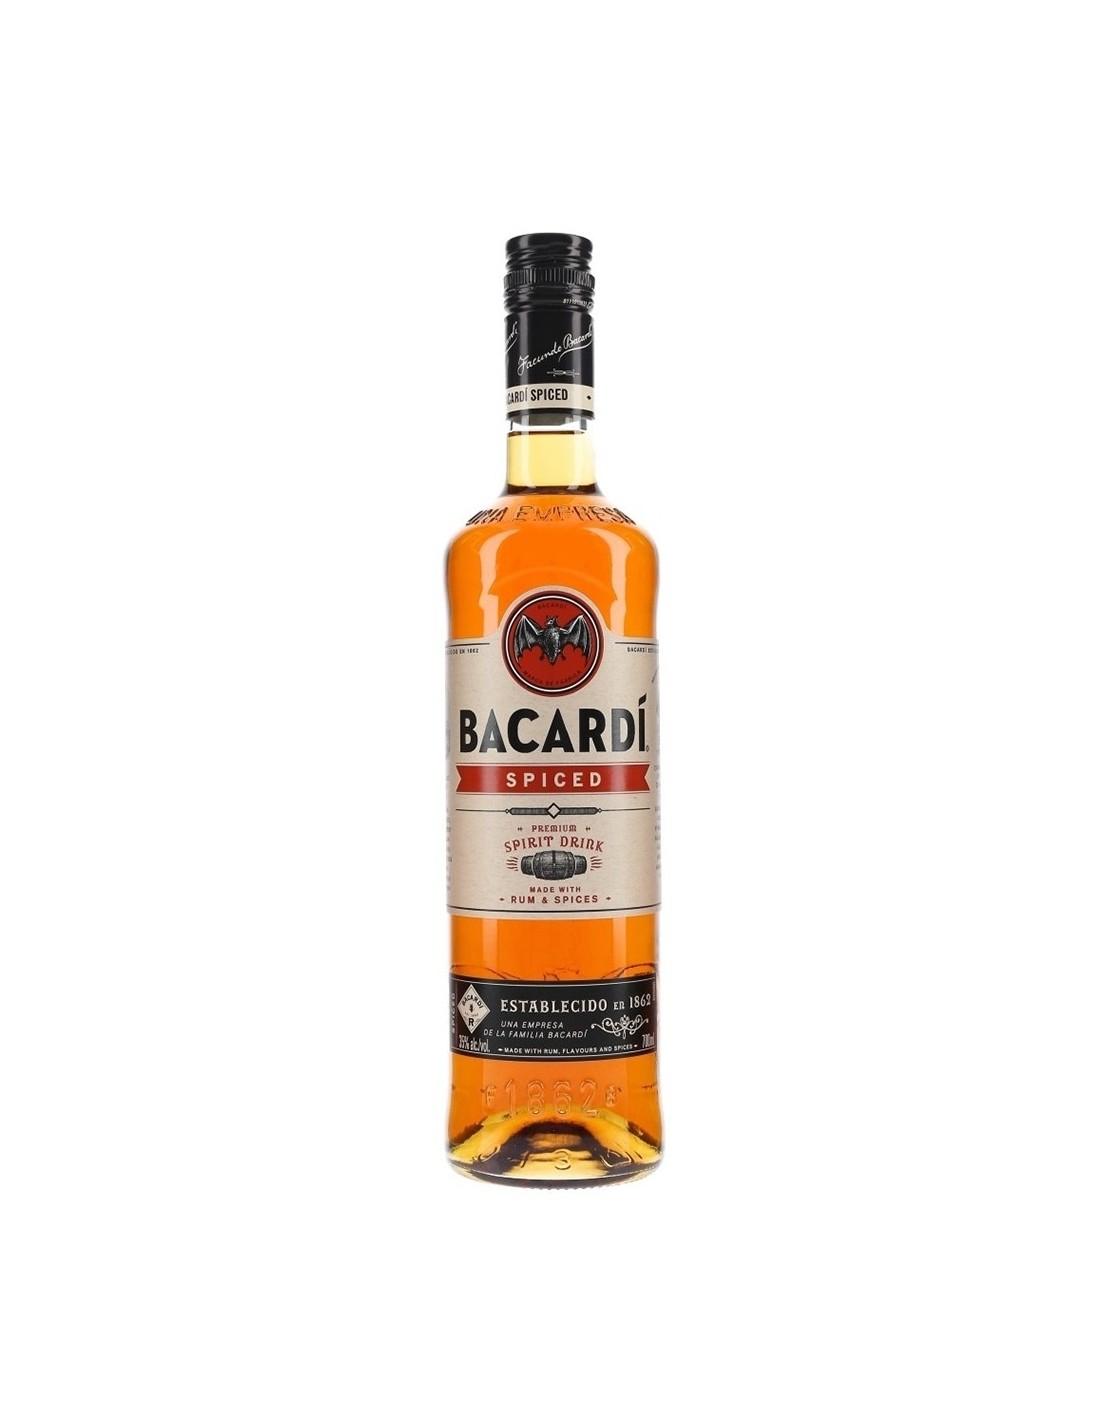 Rom Bacardi Spiced, 35% alc., 0.7L, Cuba